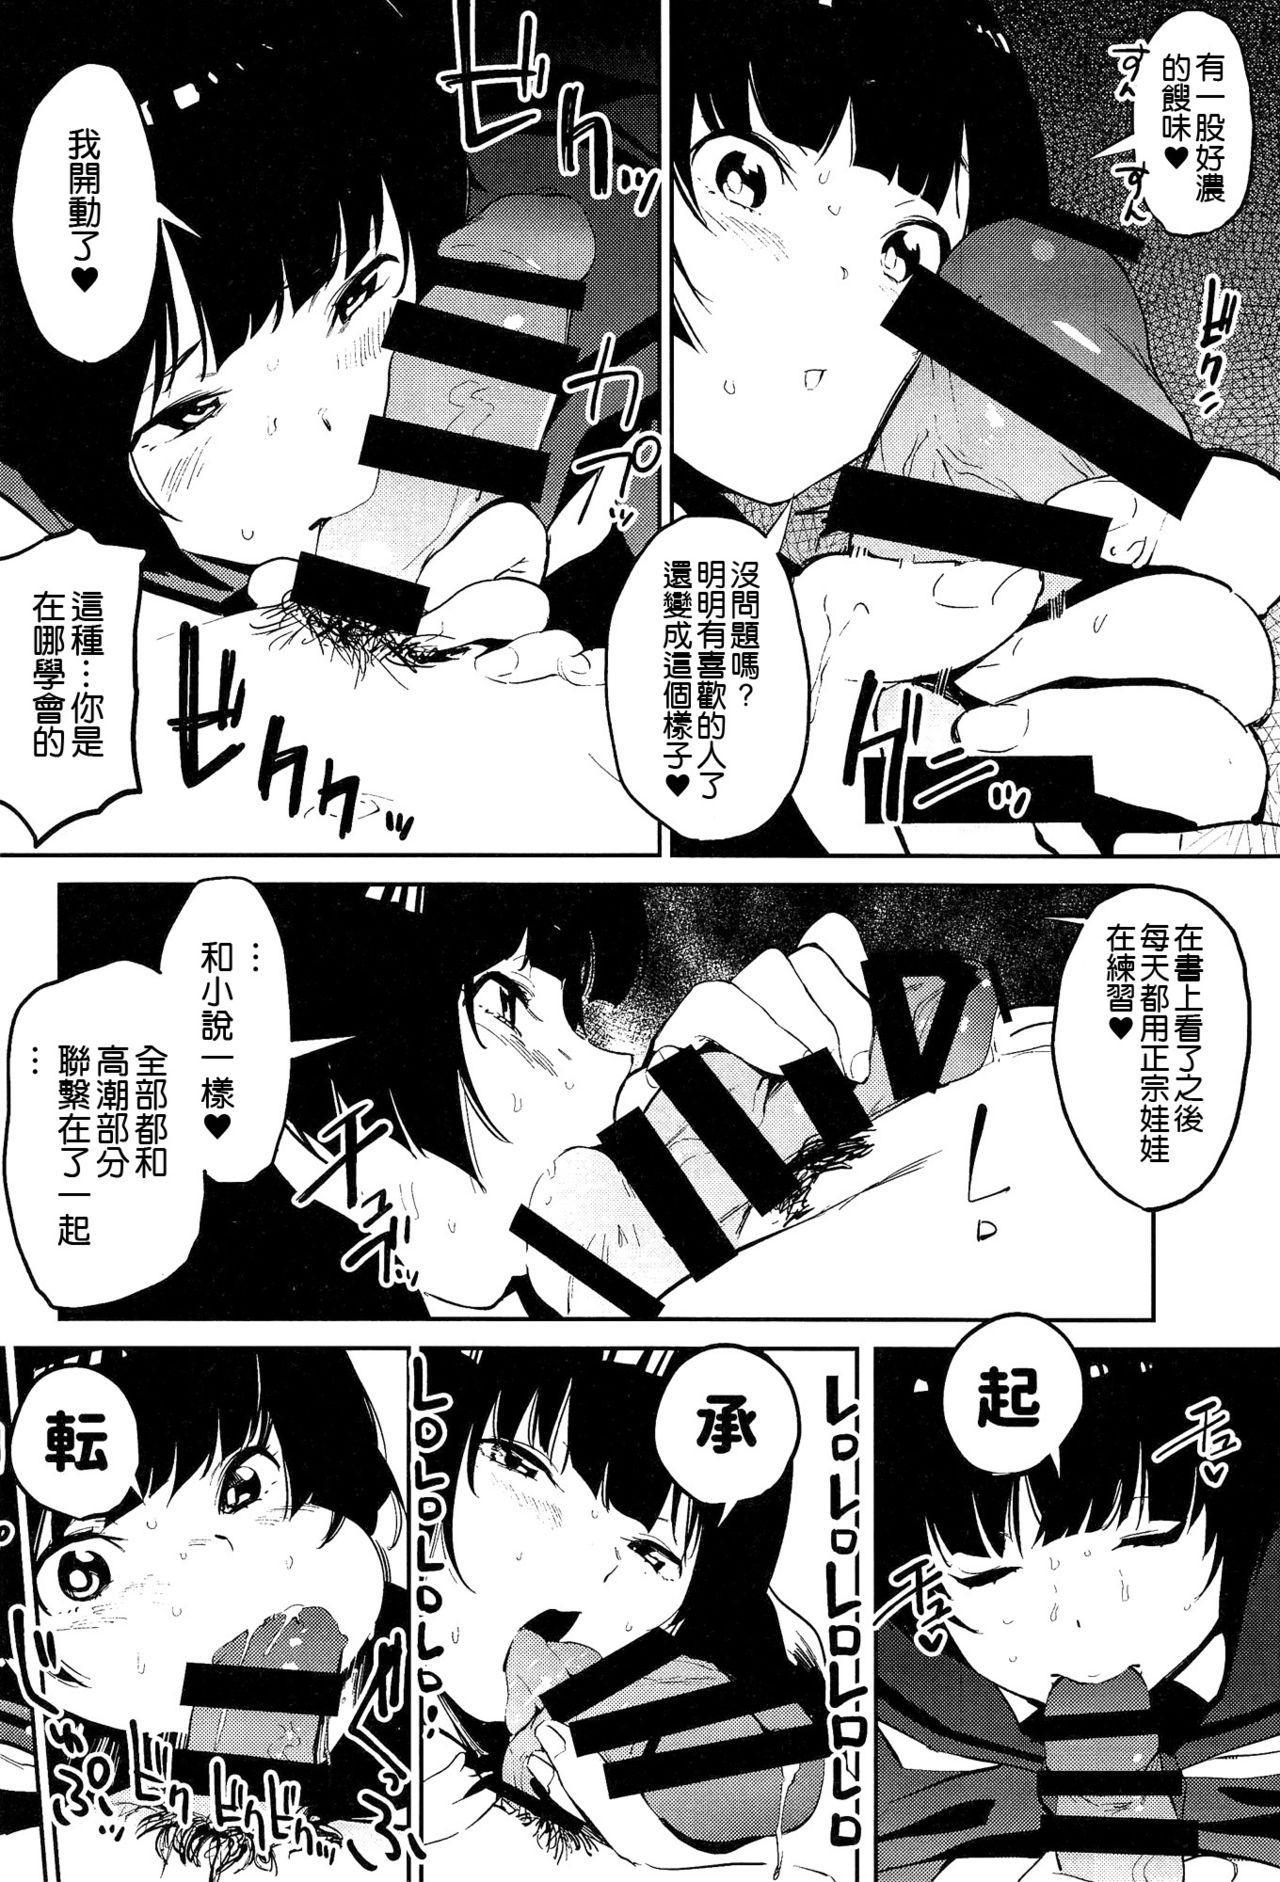 Muramasa-senpai no Suki ga Omoi 11